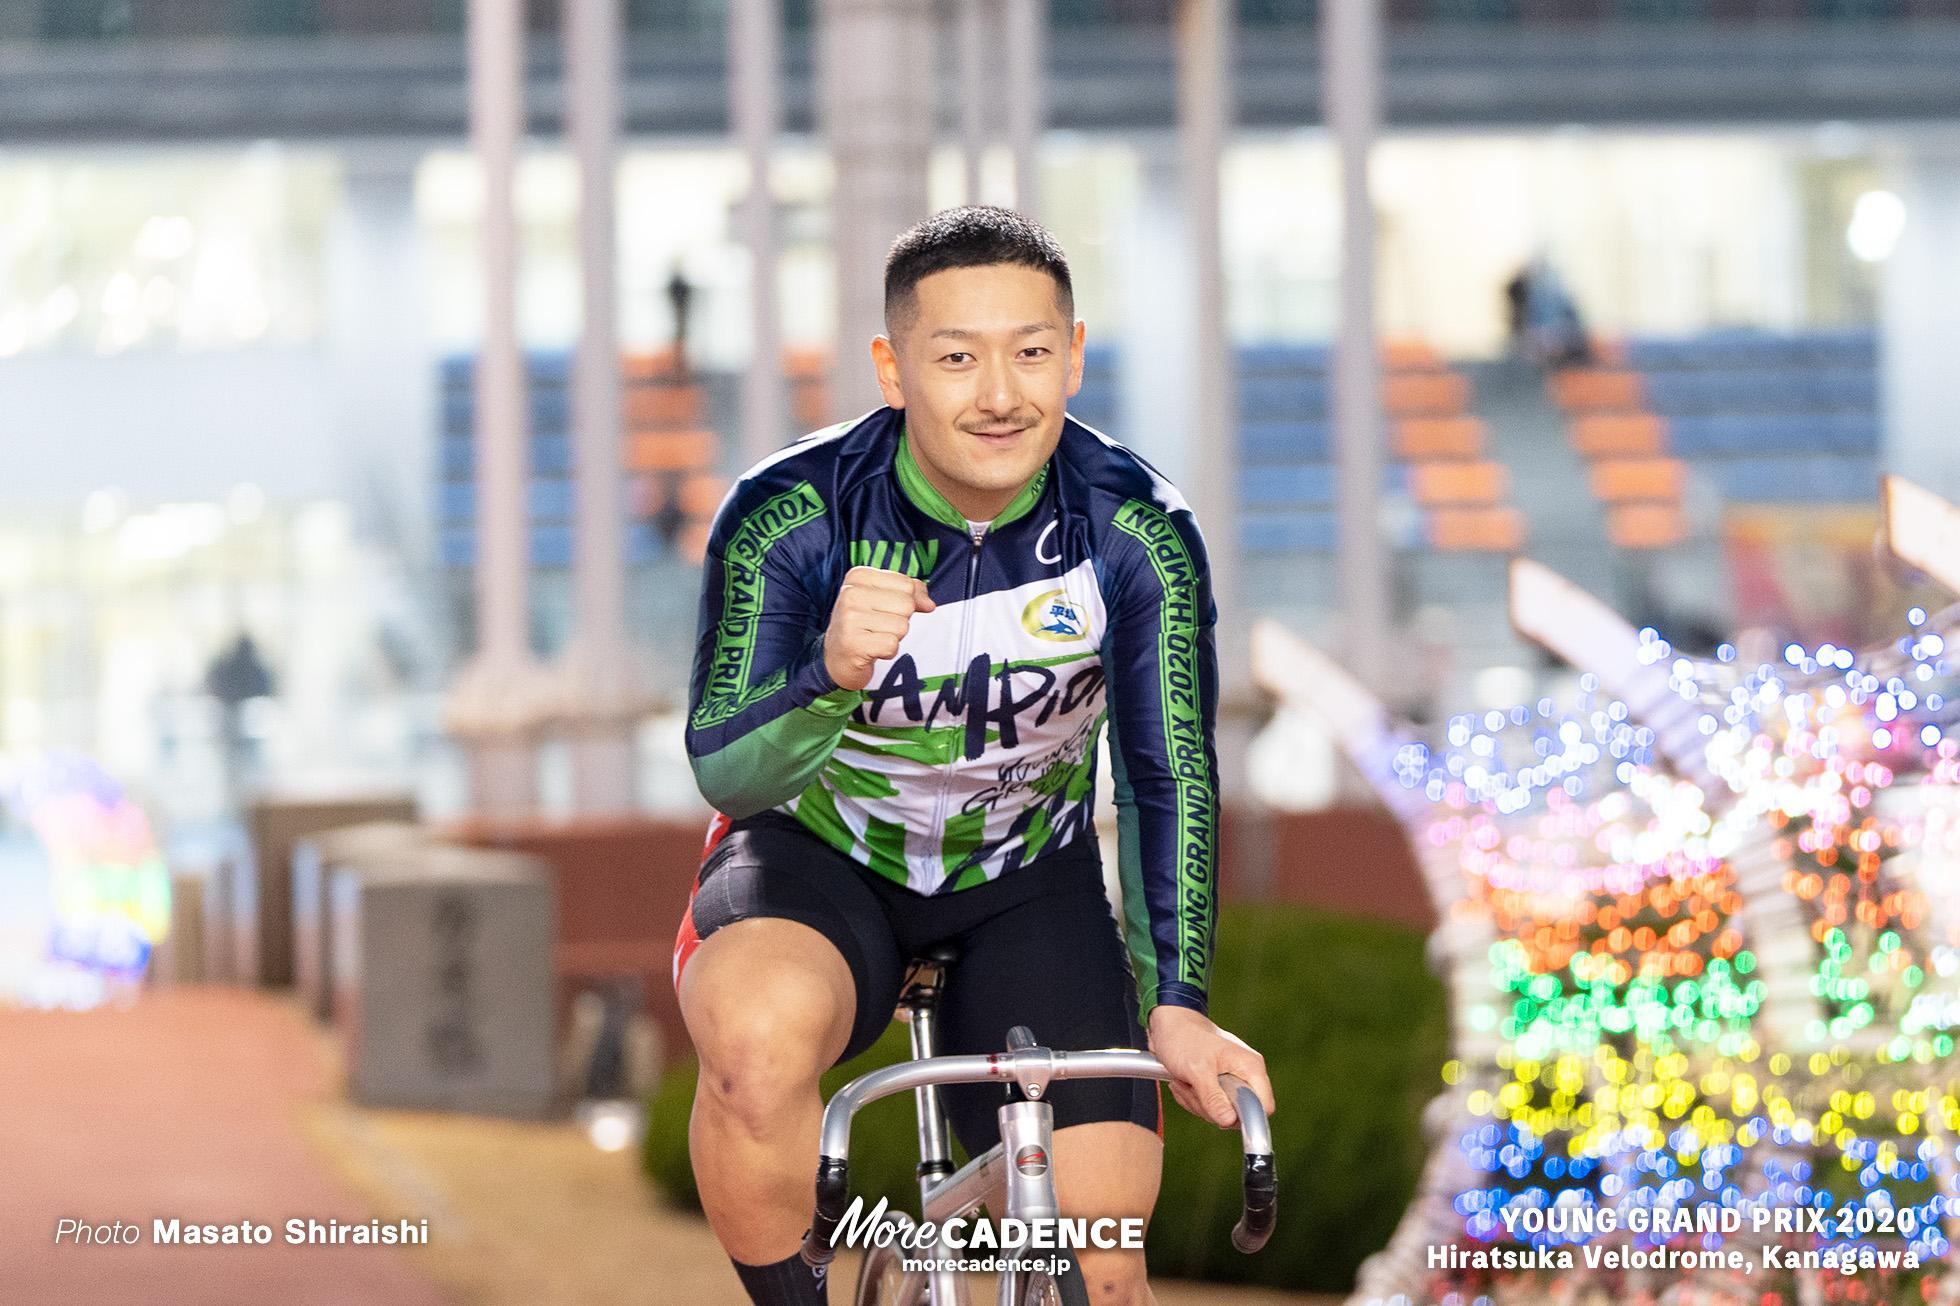 松井宏佑, 平塚競輪場, KEIRINグランプリ2020